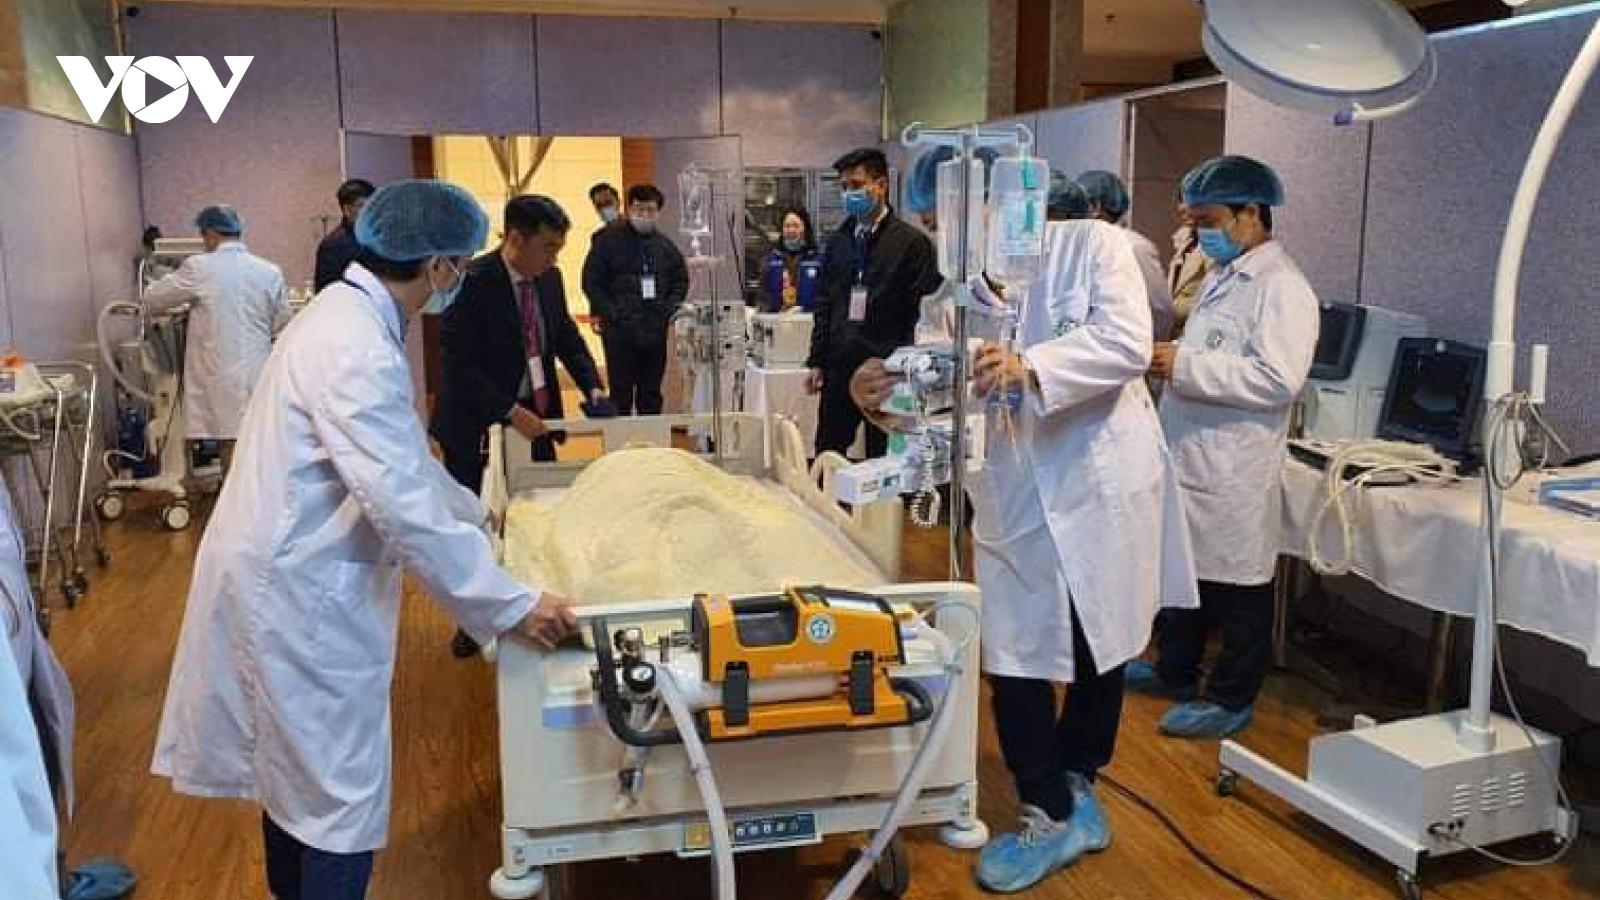 Hơn 300 người tham gia diễn tập công tác y tế phục vụ Đại hội XIII của Đảng